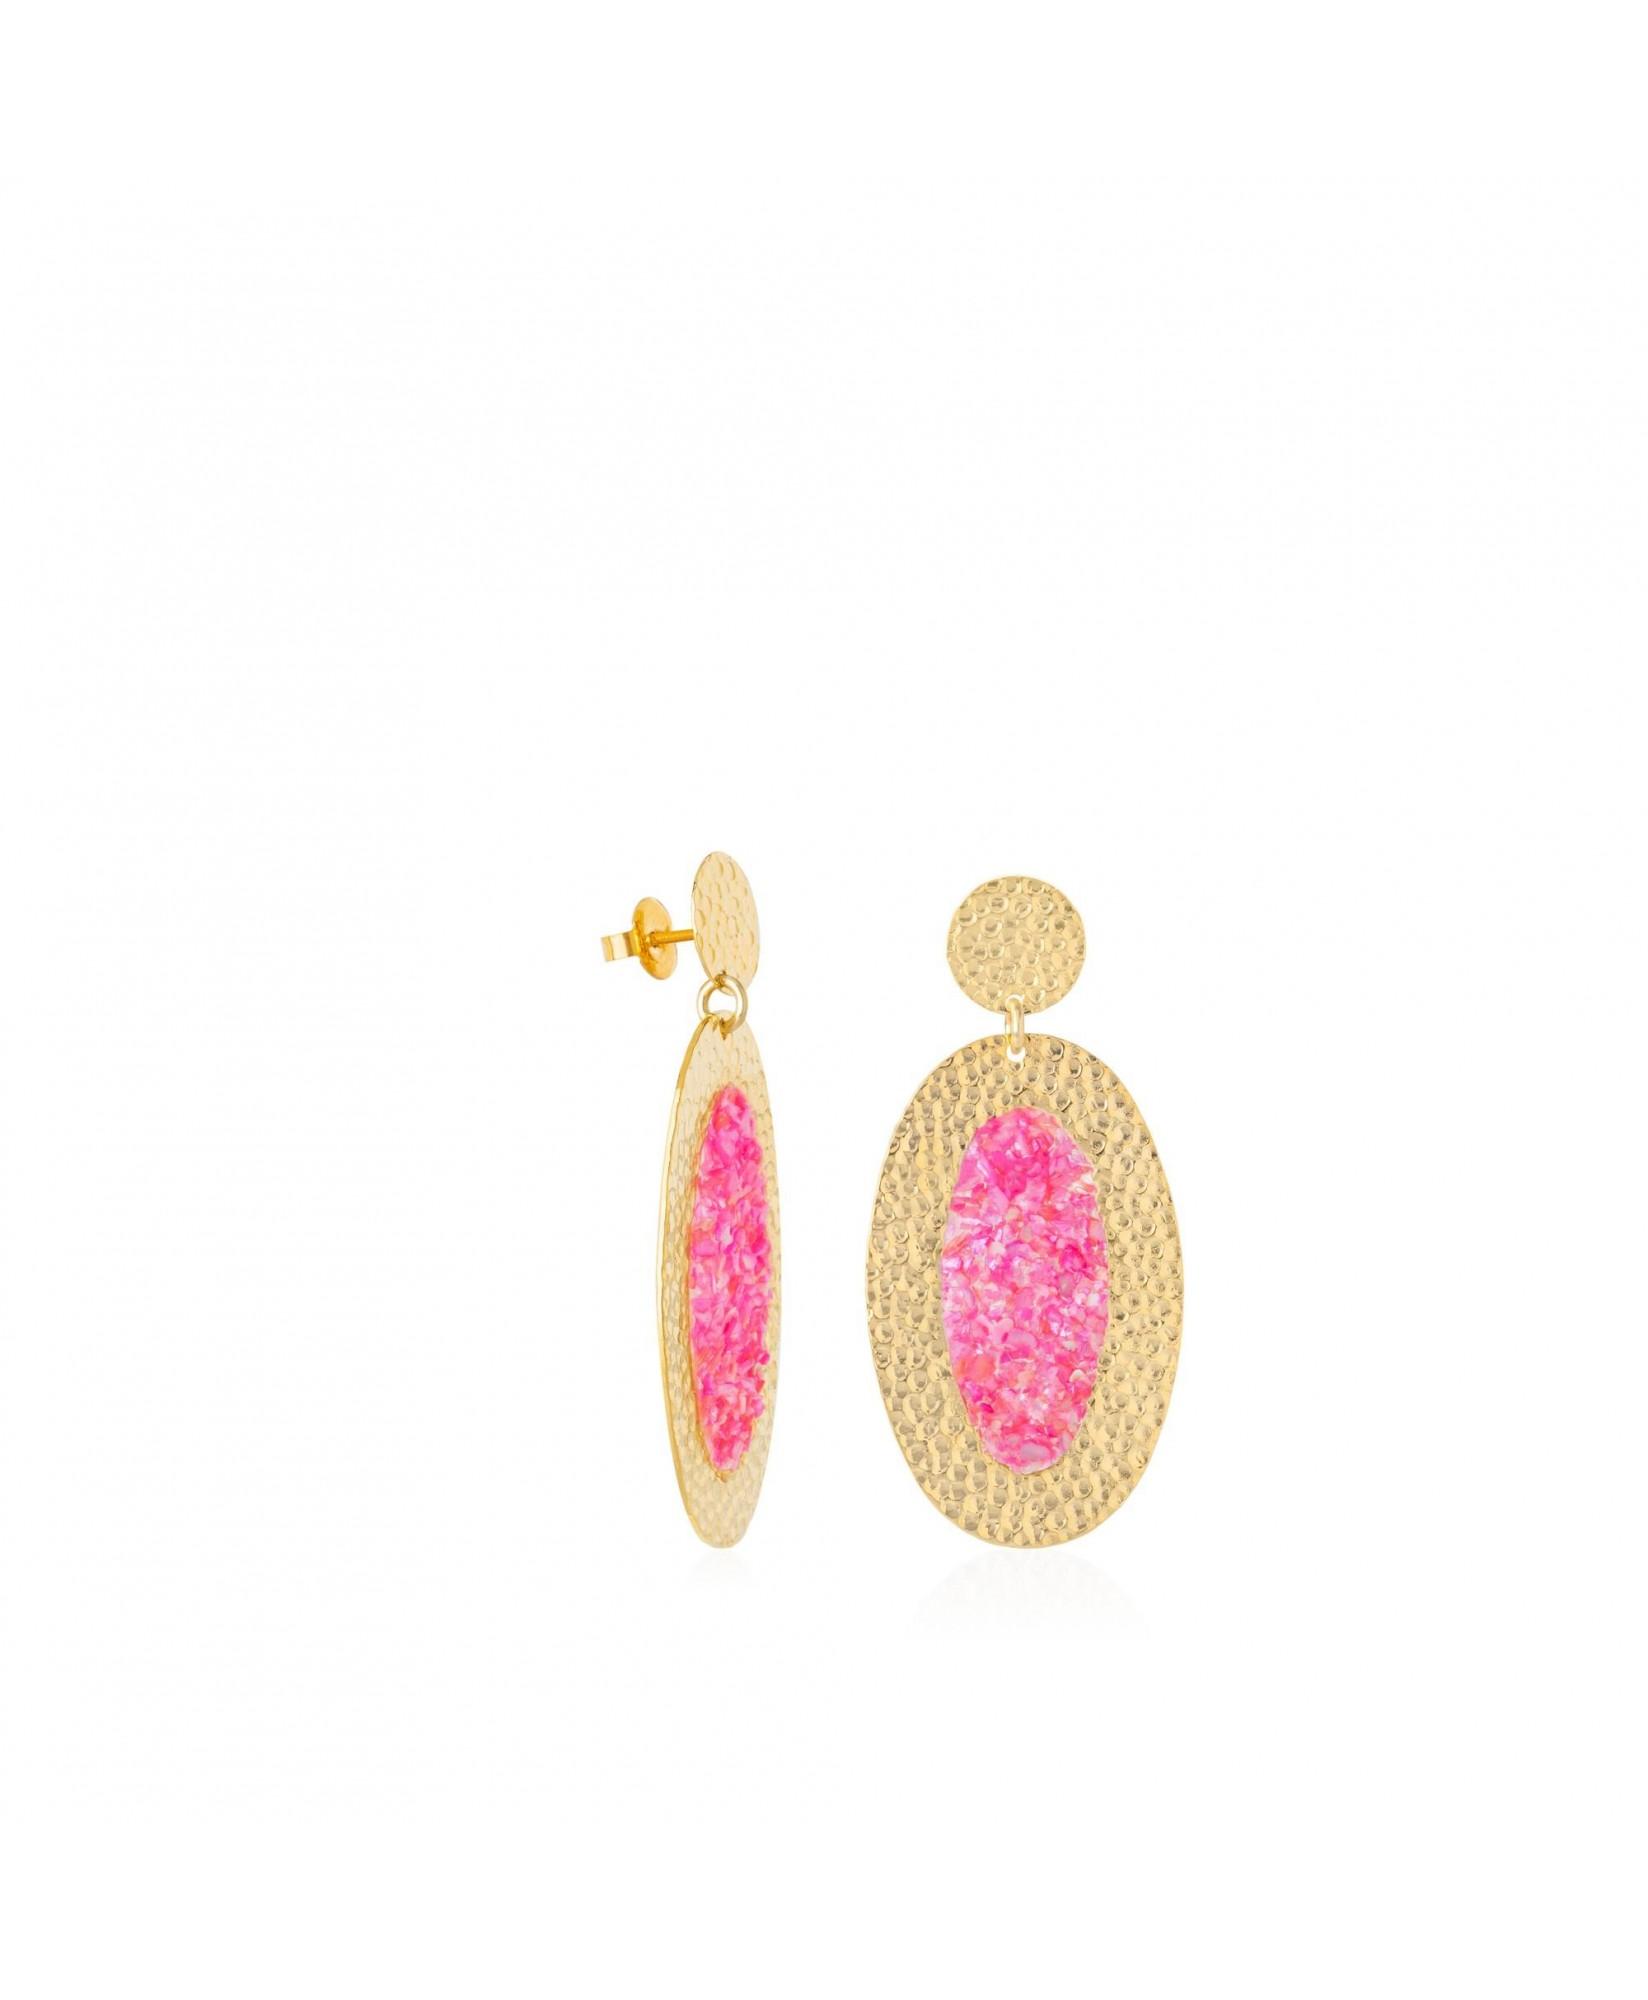 Pendientes ovalados oro Atenea con nácar rosa Pendientes ovalados oro Atenea con nácar rosa